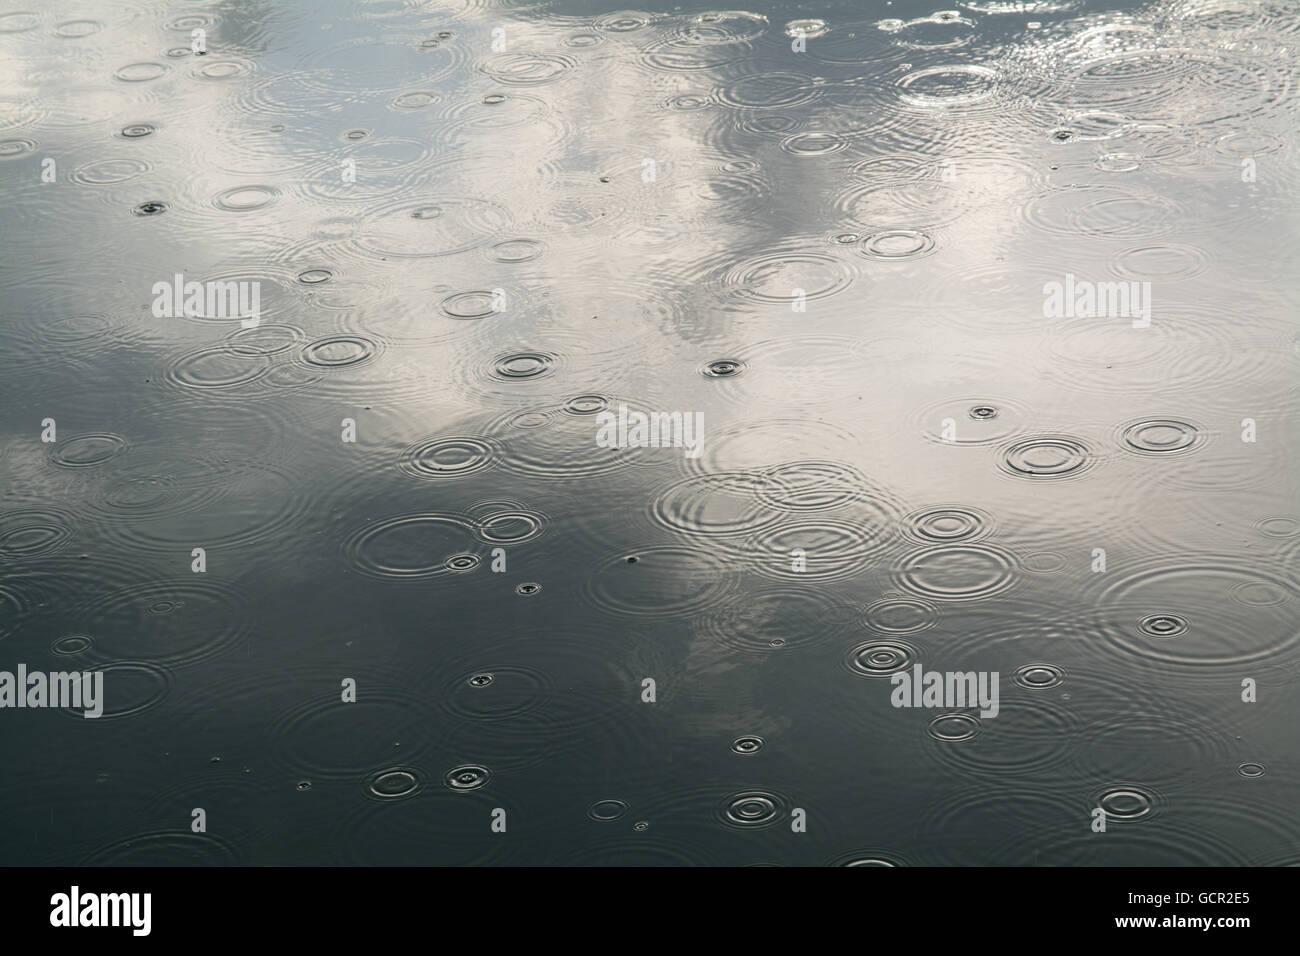 Tröpfchen Regen schlagen ein ruhiges Meer Stockbild